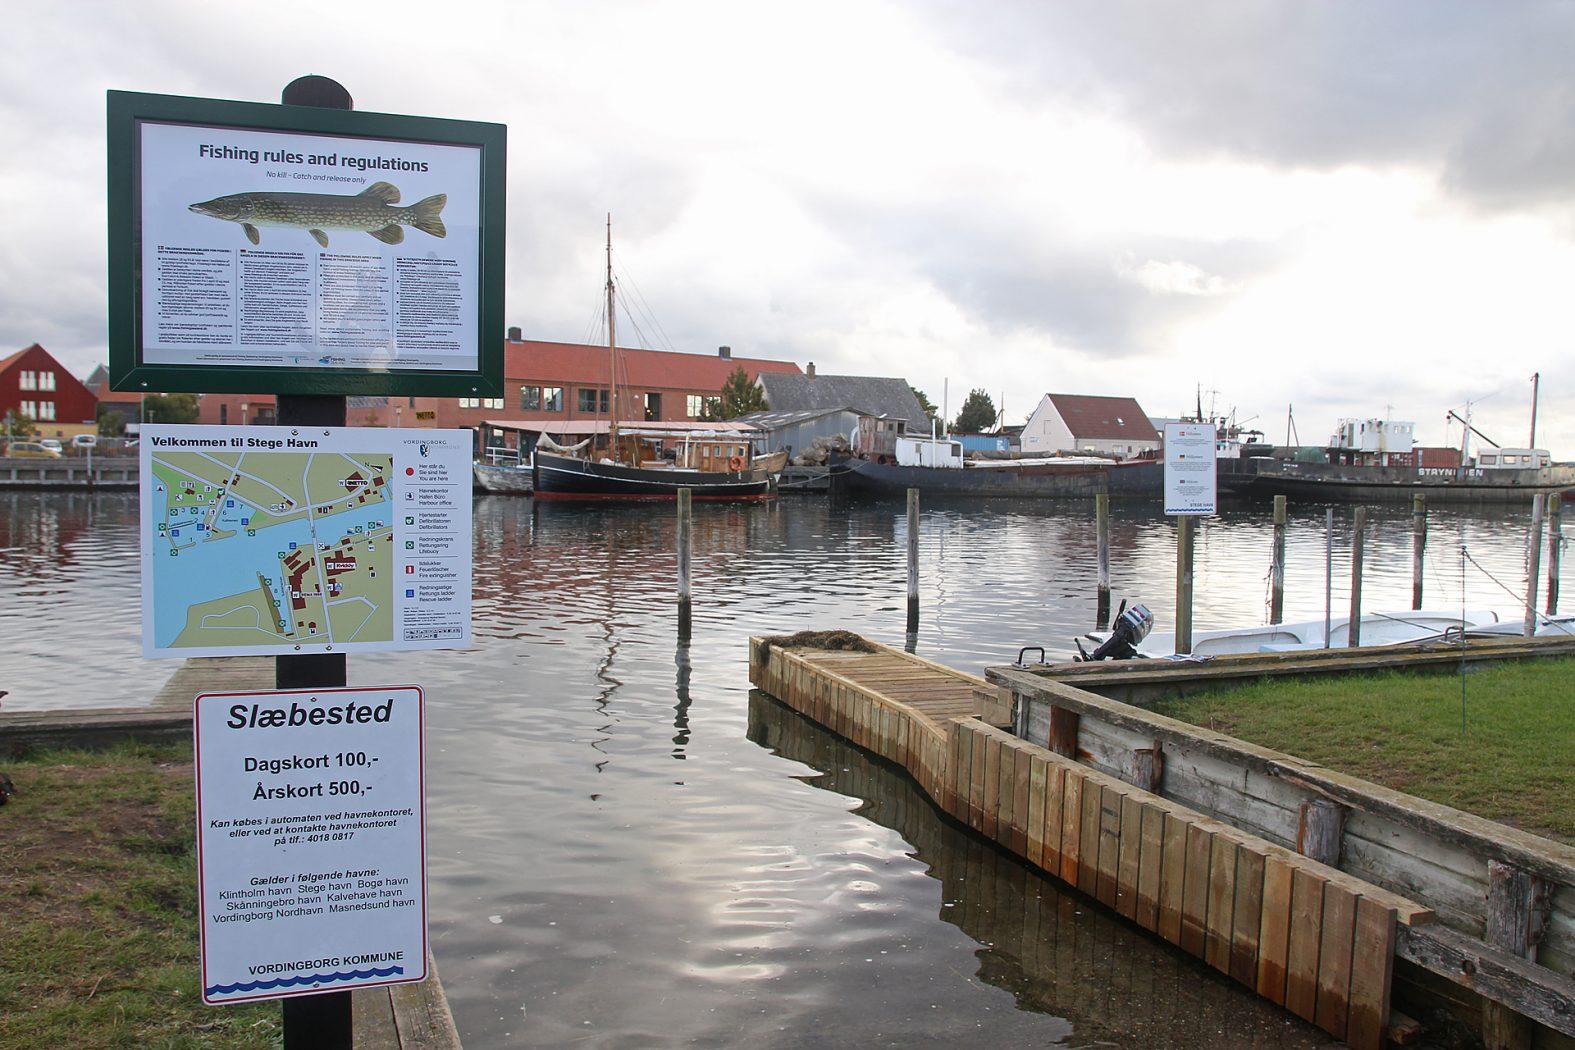 Regeln zum Hechtangeln in Dänemark